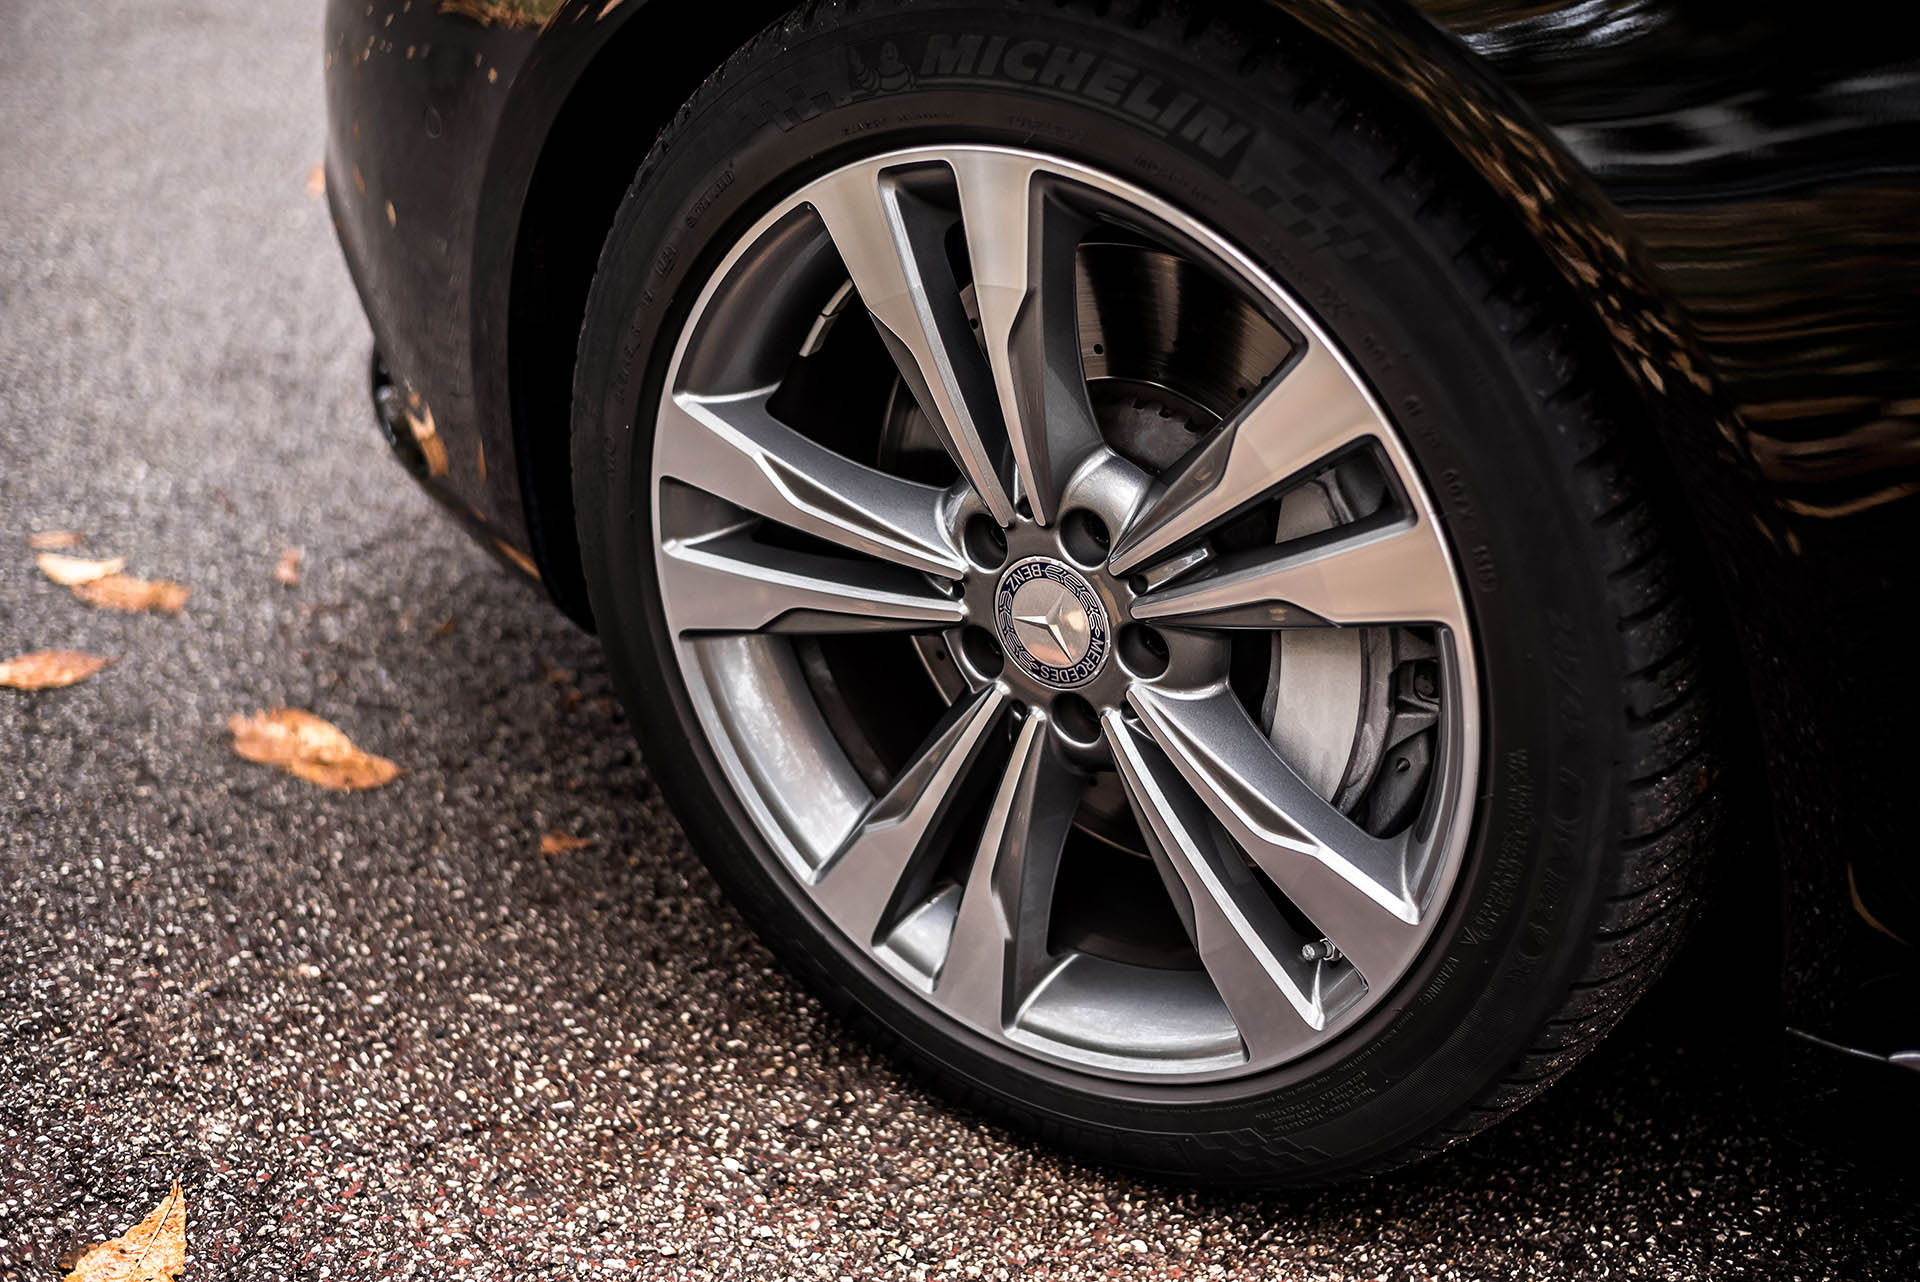 B+K_Sportwagen_Rheinland_GmbH_Mercedes_Benz_Sklasse_500_schwarz_20